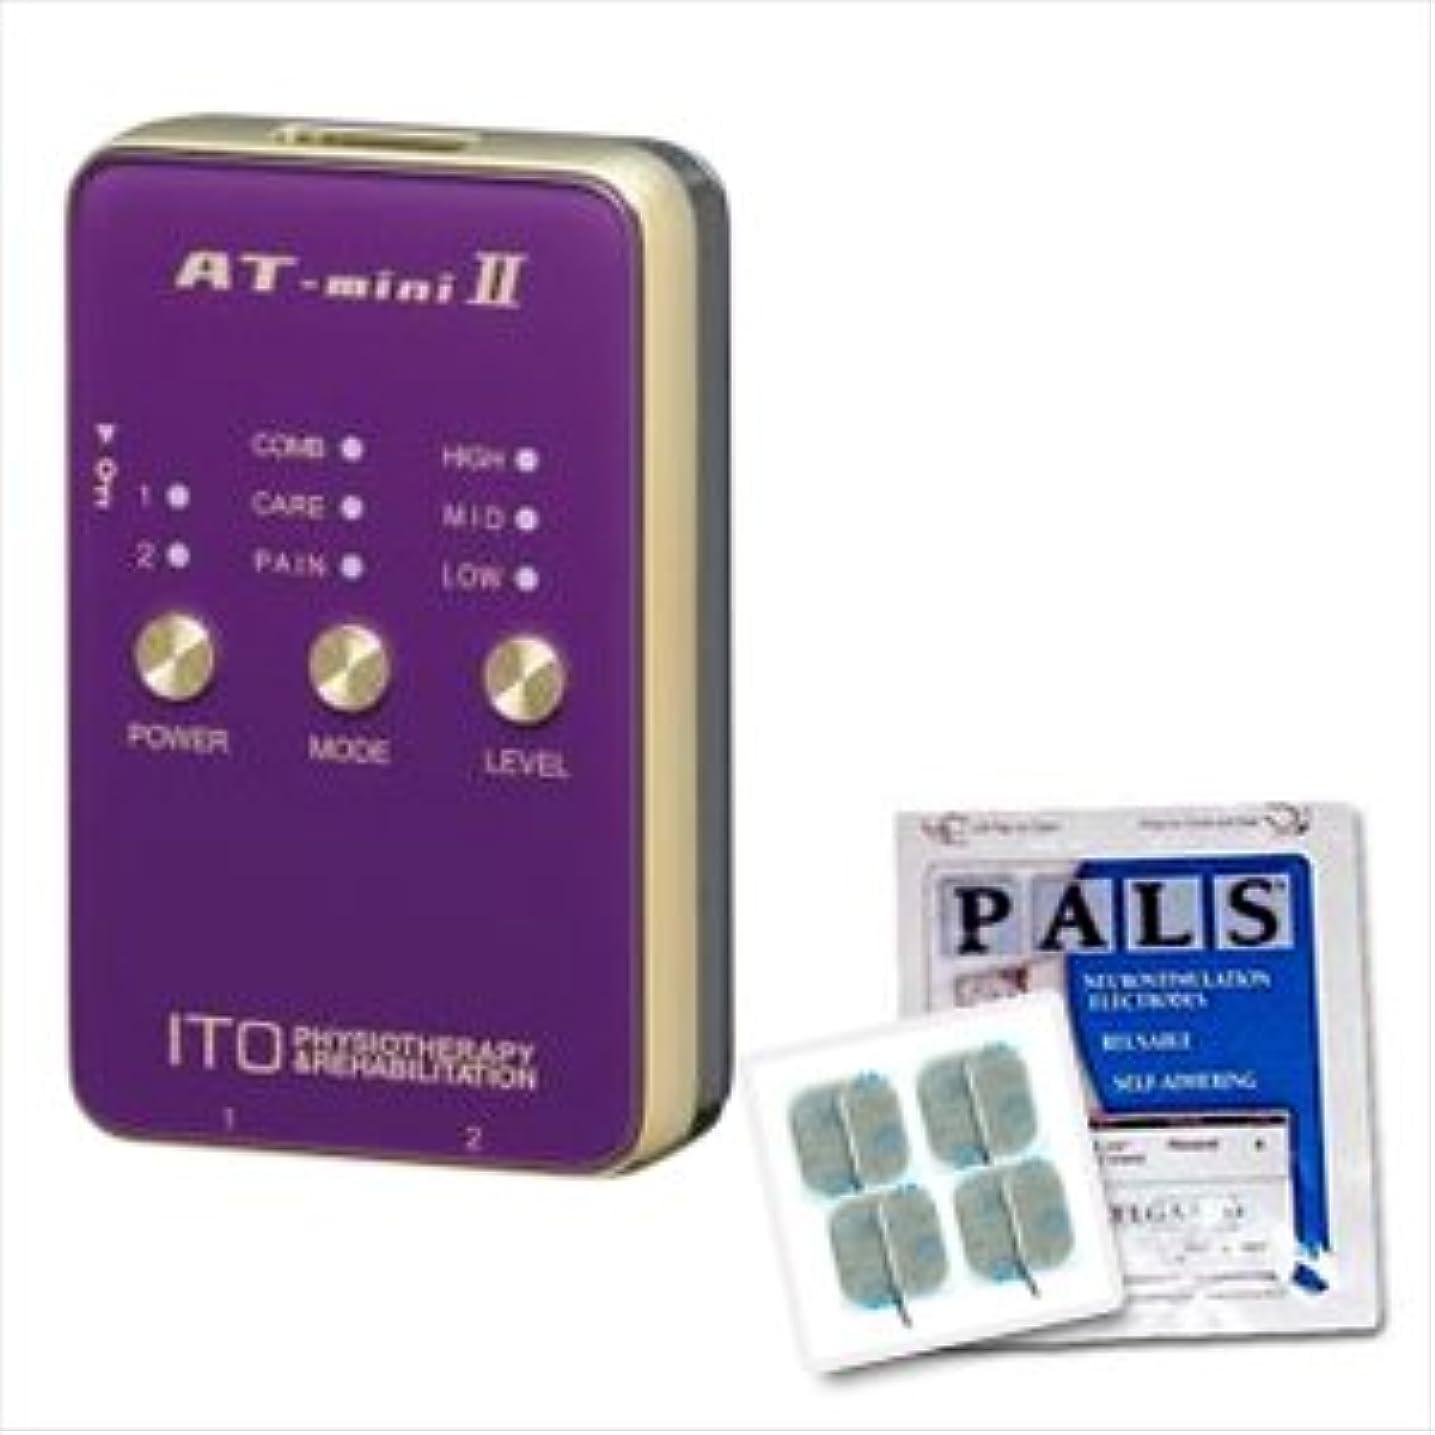 さておき真っ逆さま音声学低周波治療器 AT-mini II パープル +アクセルガードMサイズ(5x5cm:1袋4枚入)セット